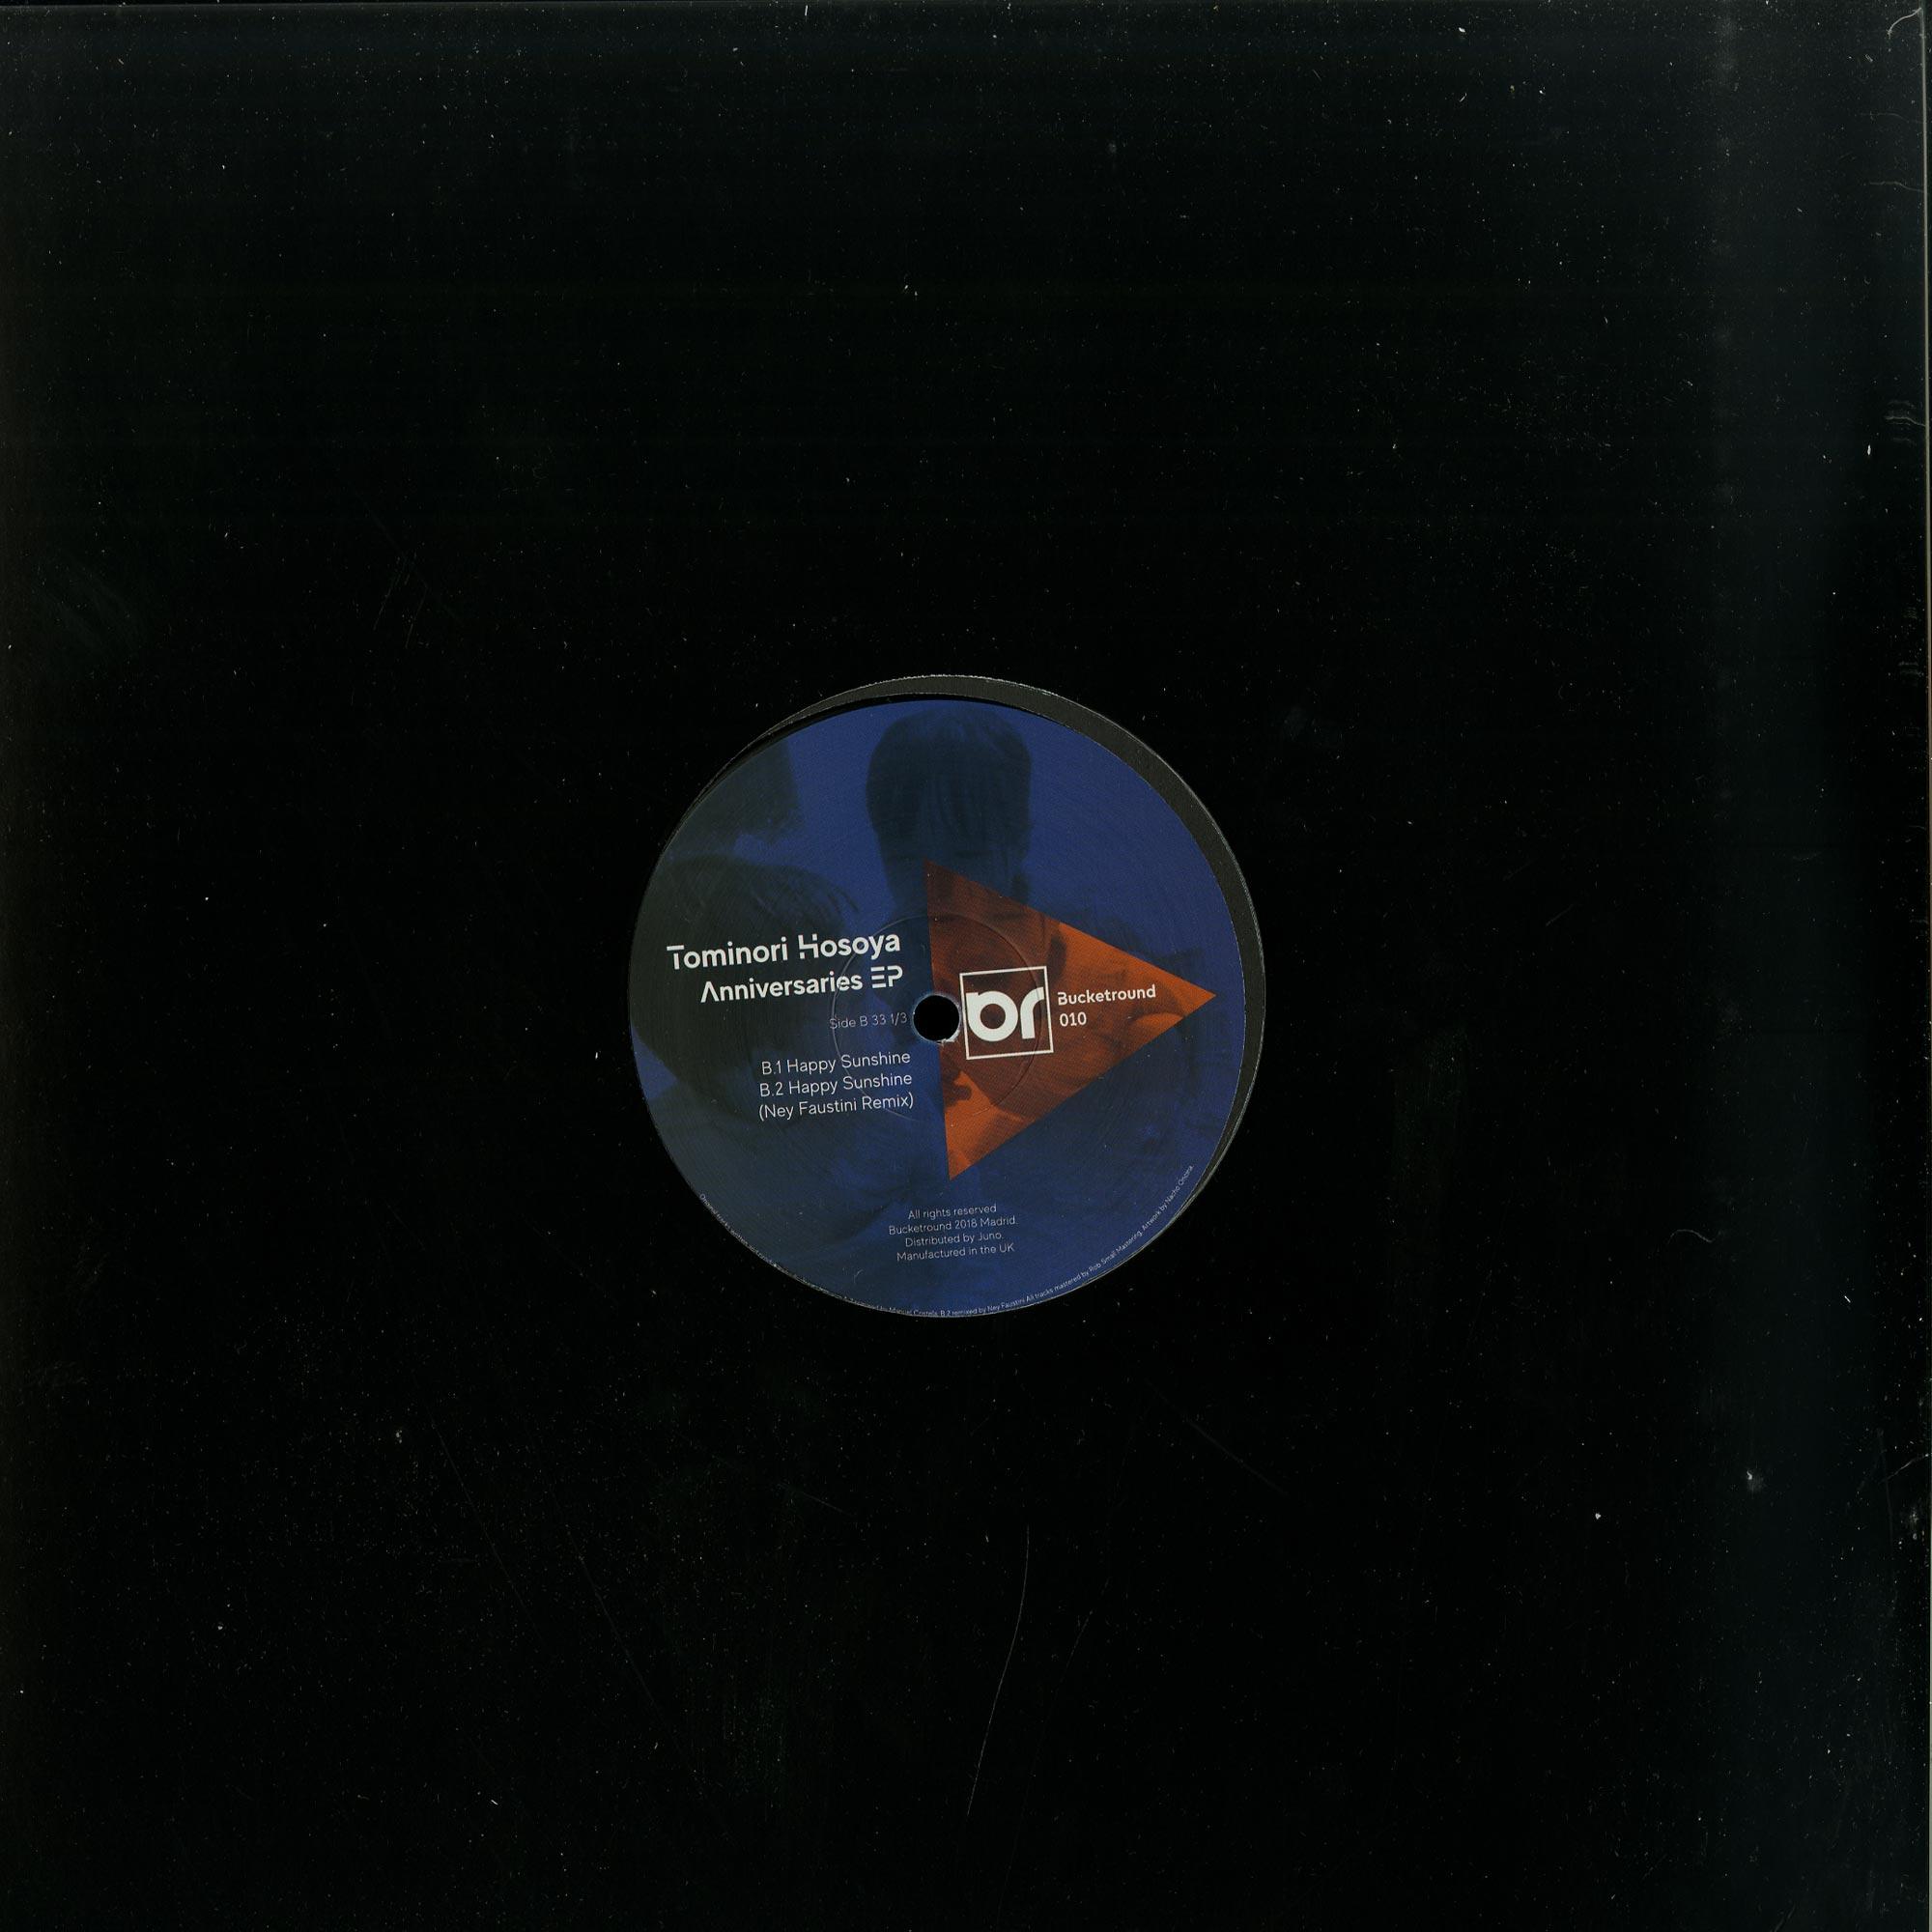 Tominori Hosoya - ANNIVERSARIES EP